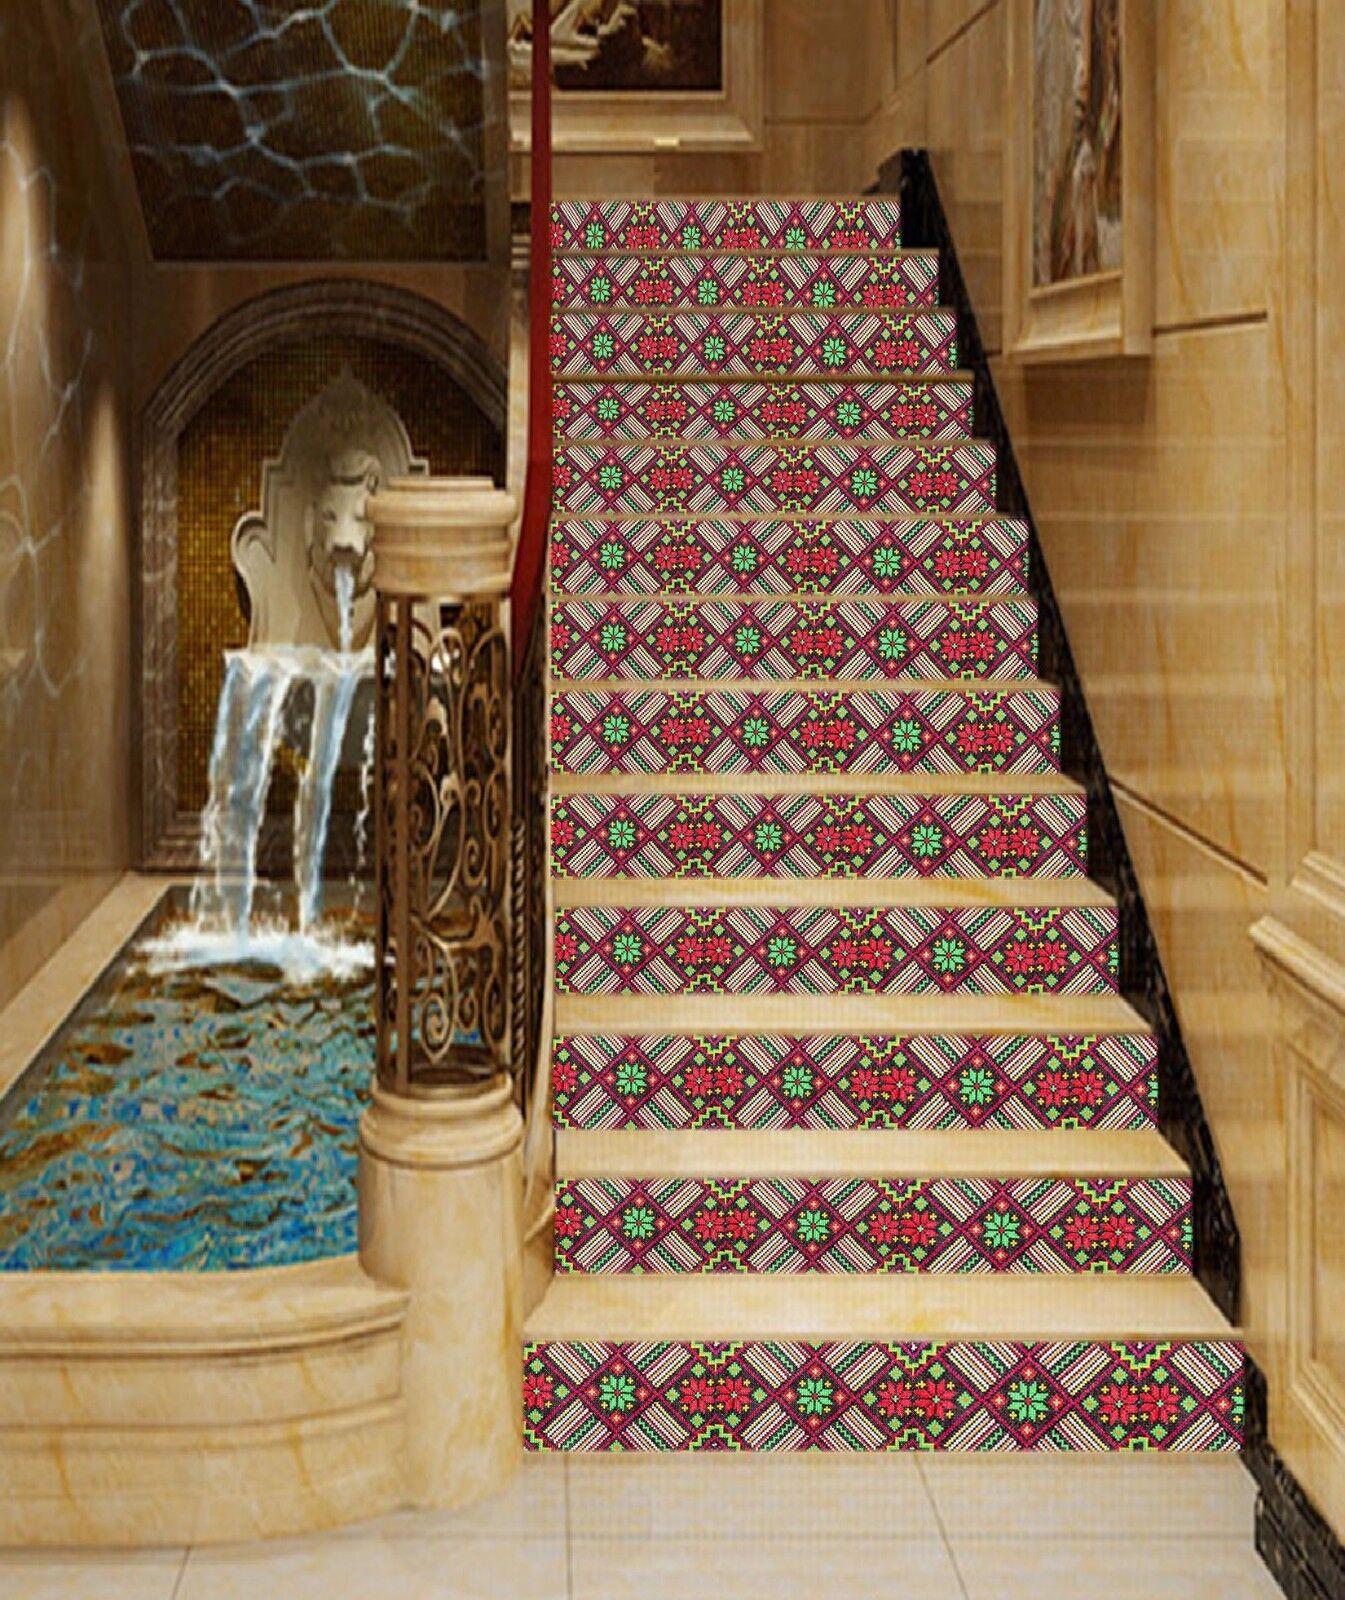 3D Flowers 522 Stair Riser Decoration Photo Mural Vinyl Decal Wallpaper UK Lemon